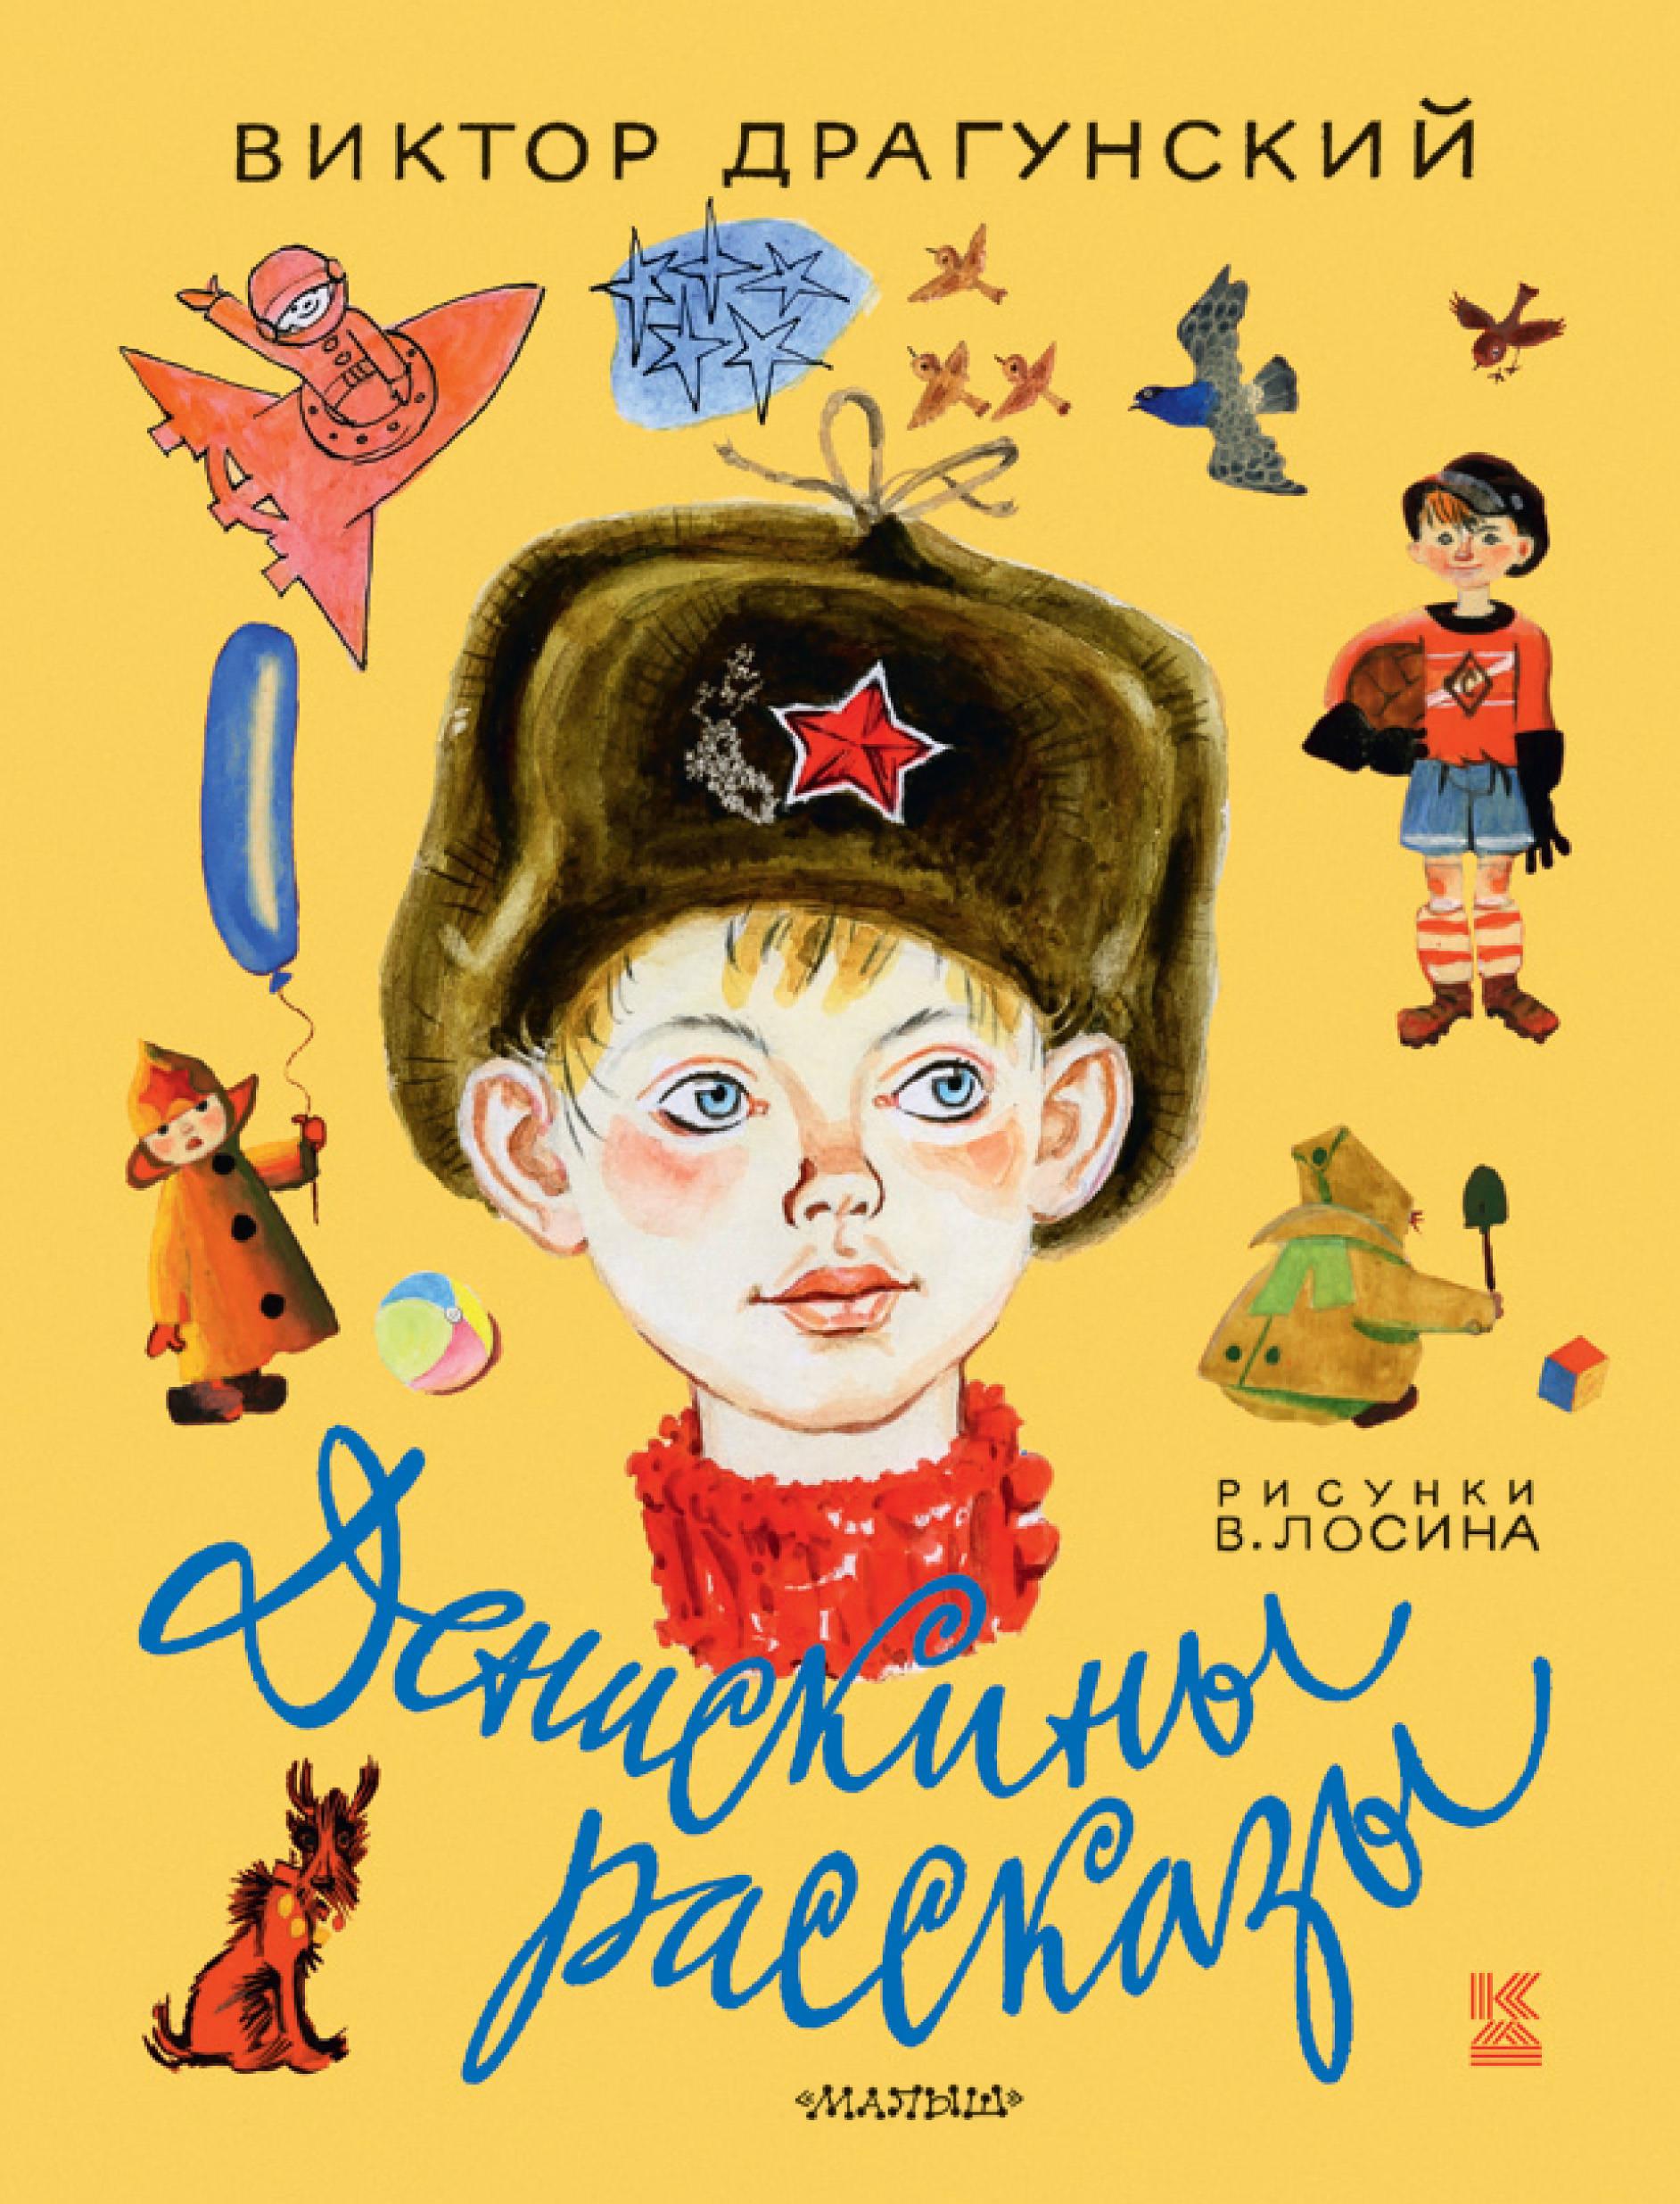 Рассказы в драгунскава 3 фотография